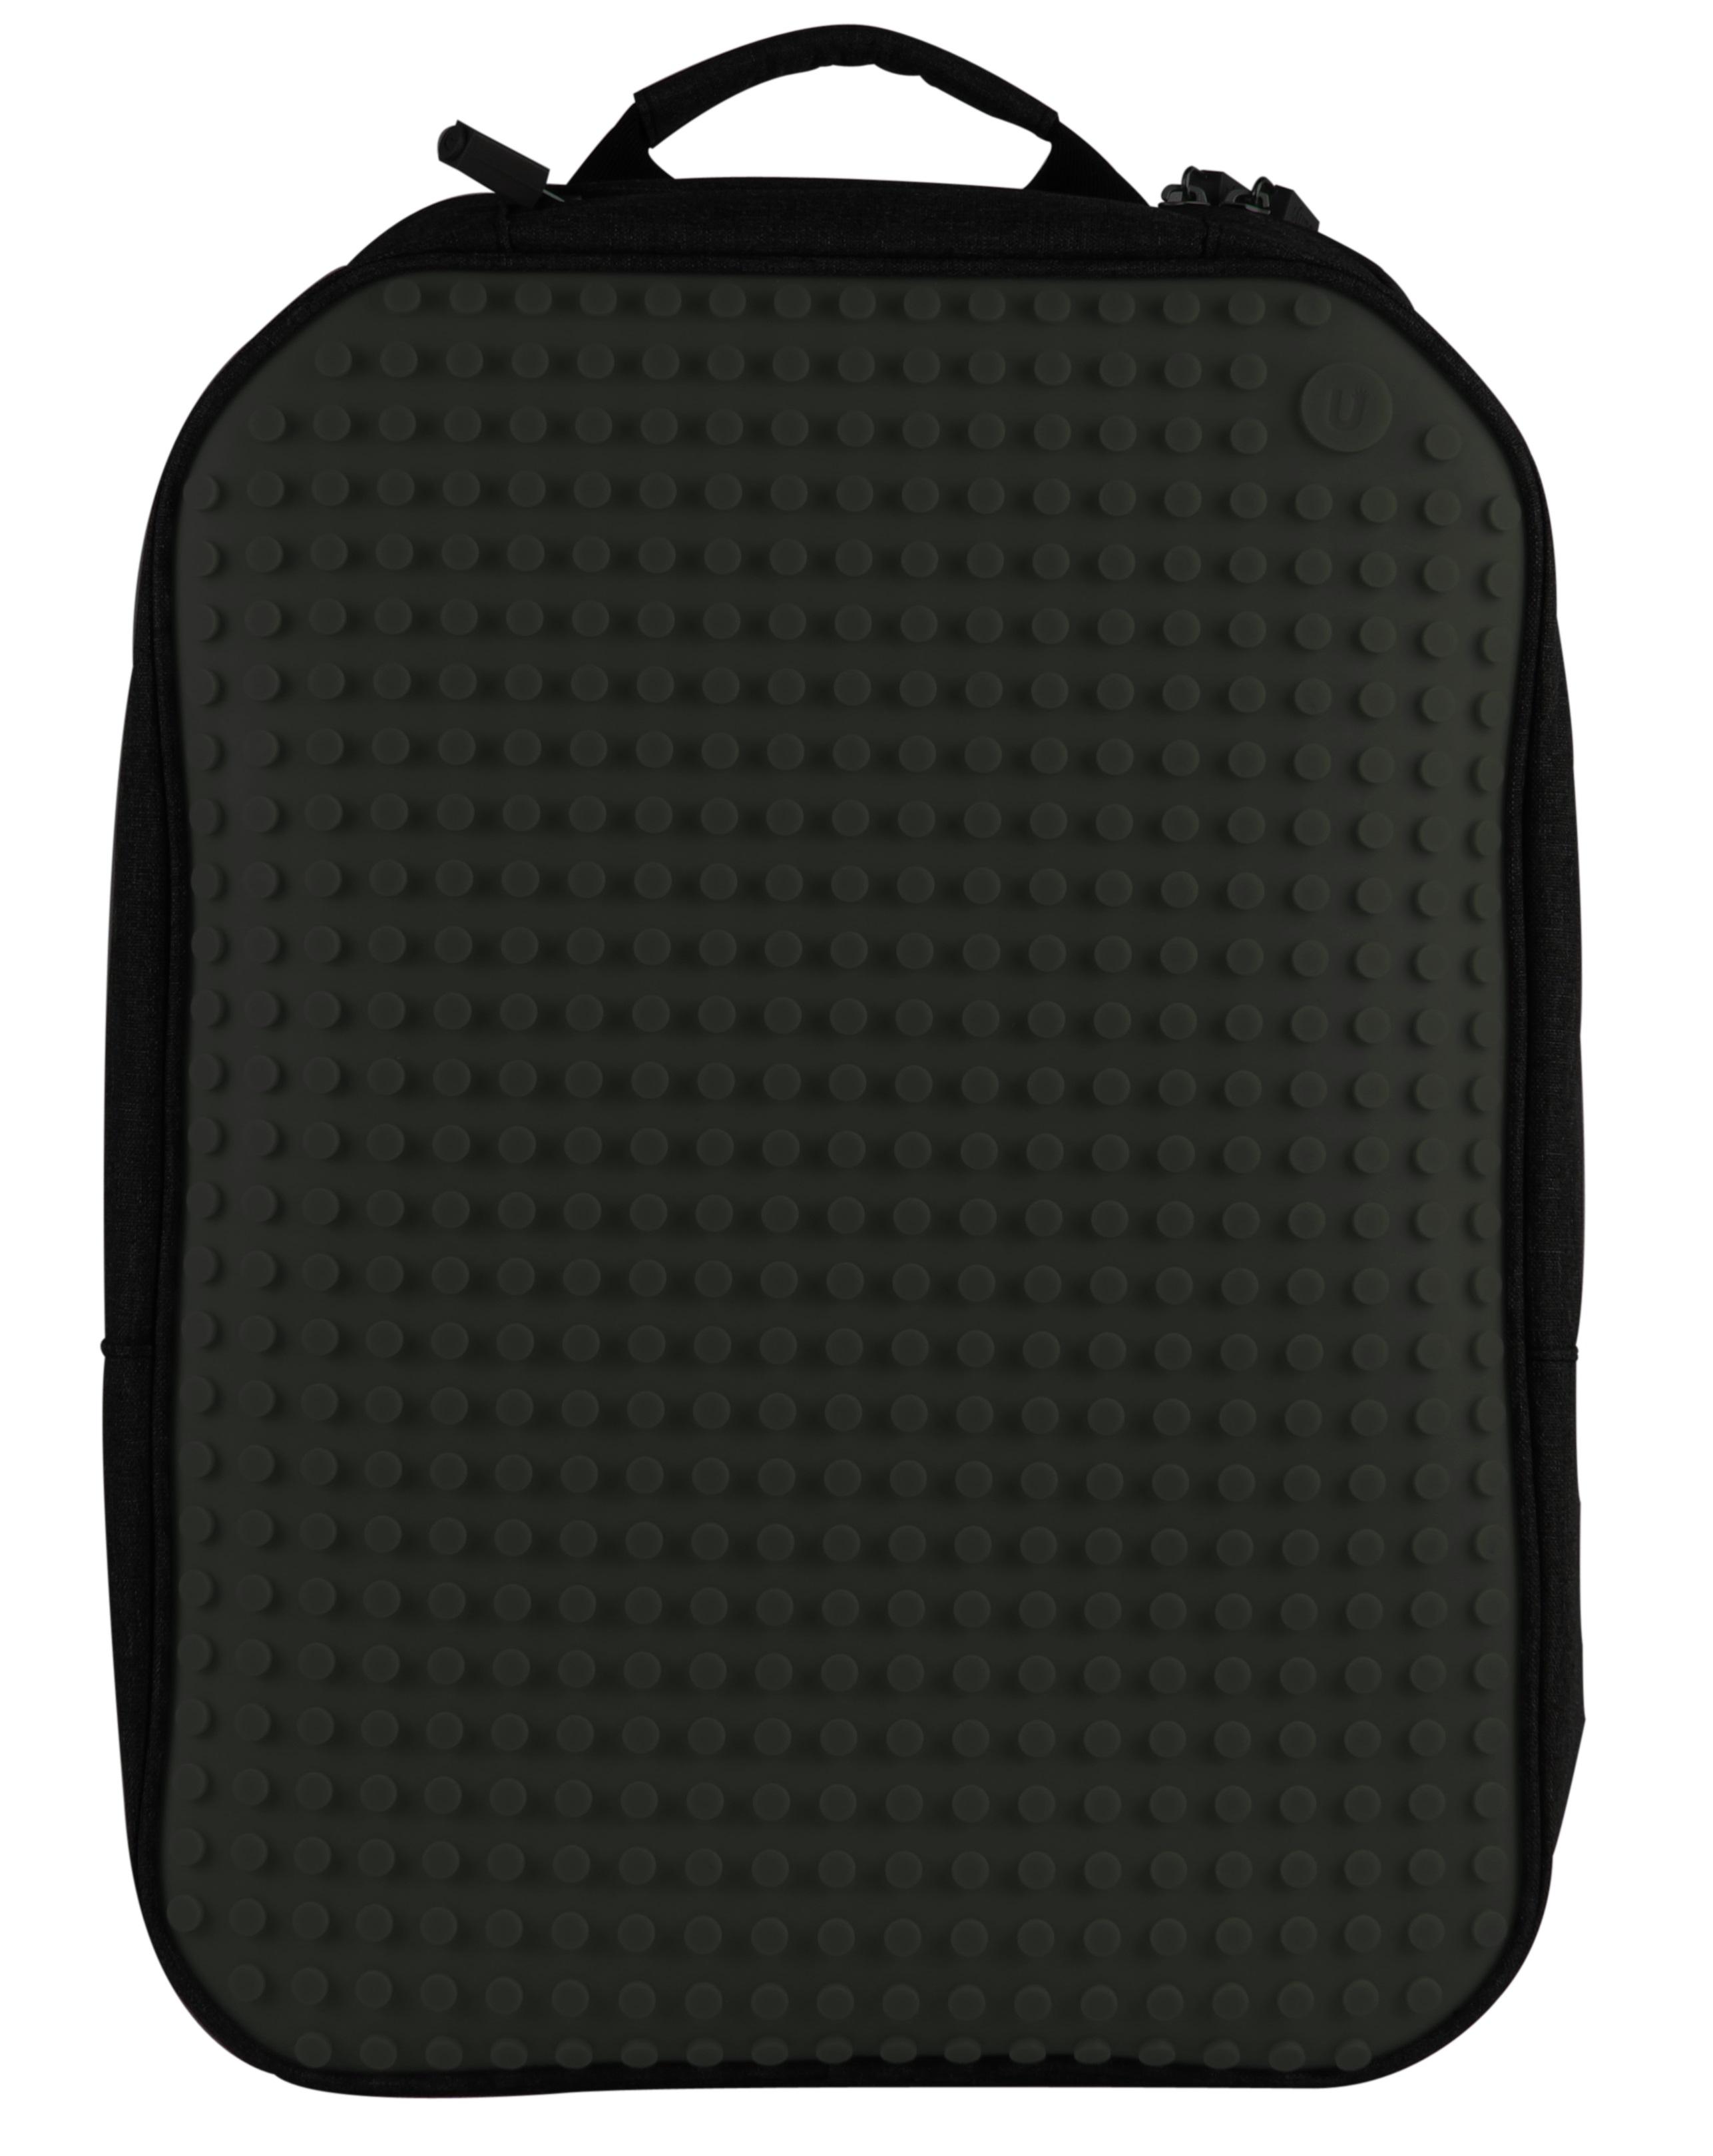 Большой пиксельный рюкзак с ортопедической спинкой (Canvas classic pixel Backpack) WY-A001 (Черный)Большой пиксельный рюкзак с ортопедической спинкой, имеющий силиконовую панель, на которой с помощью «пикселей» в виде мозаики выкладывается абсолютно любой рисунок на ваш вкус и цвет, понравится взрослым и детям.<br>